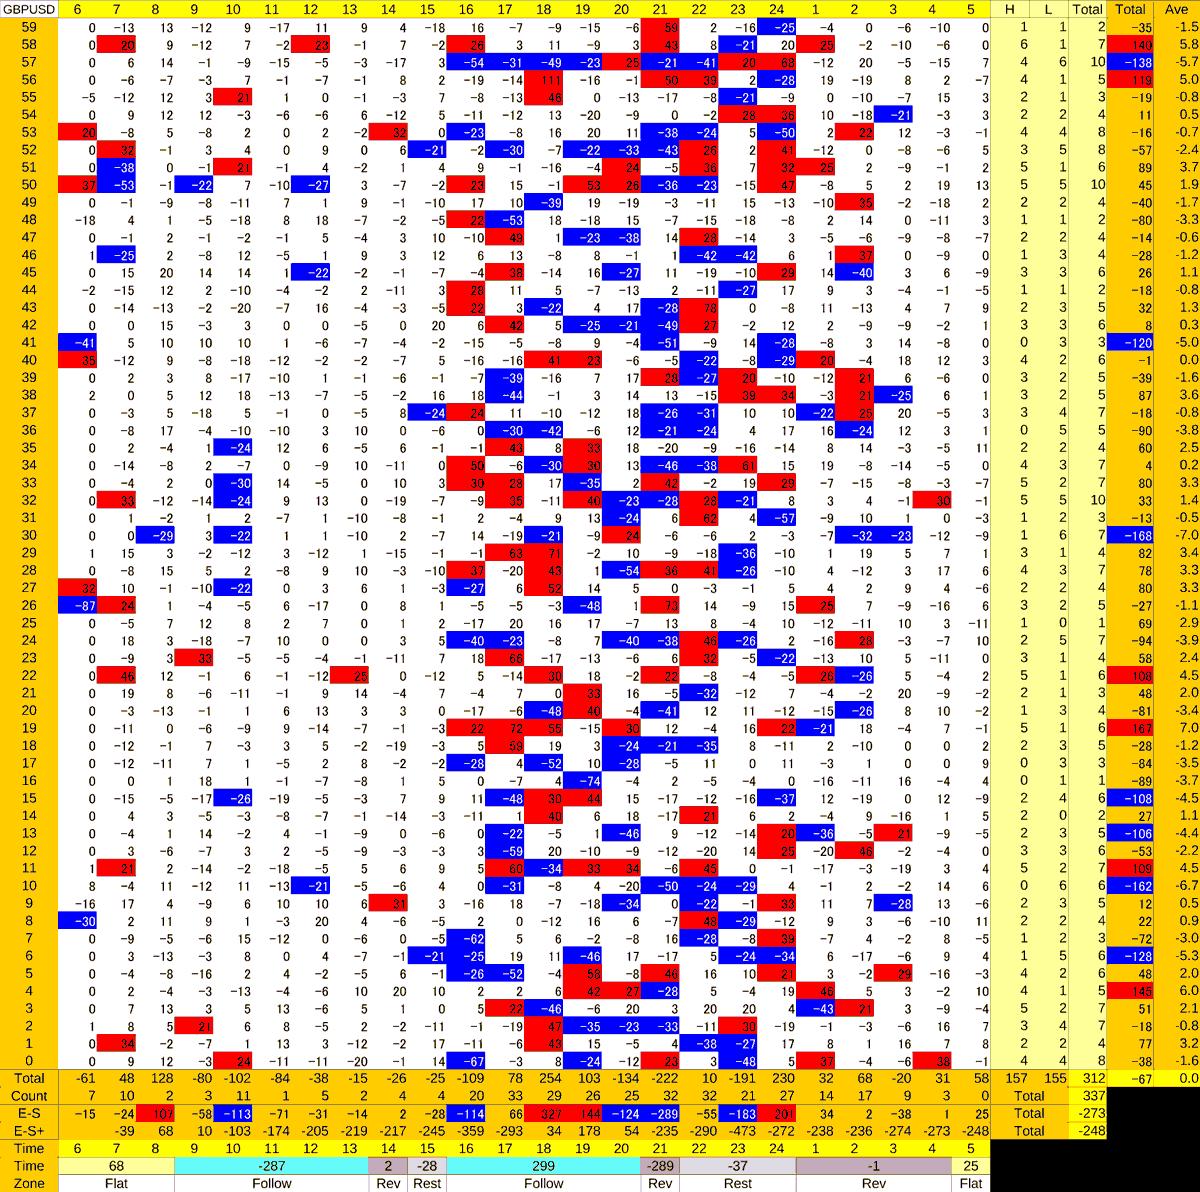 20201026_HS(2)GBPUSD